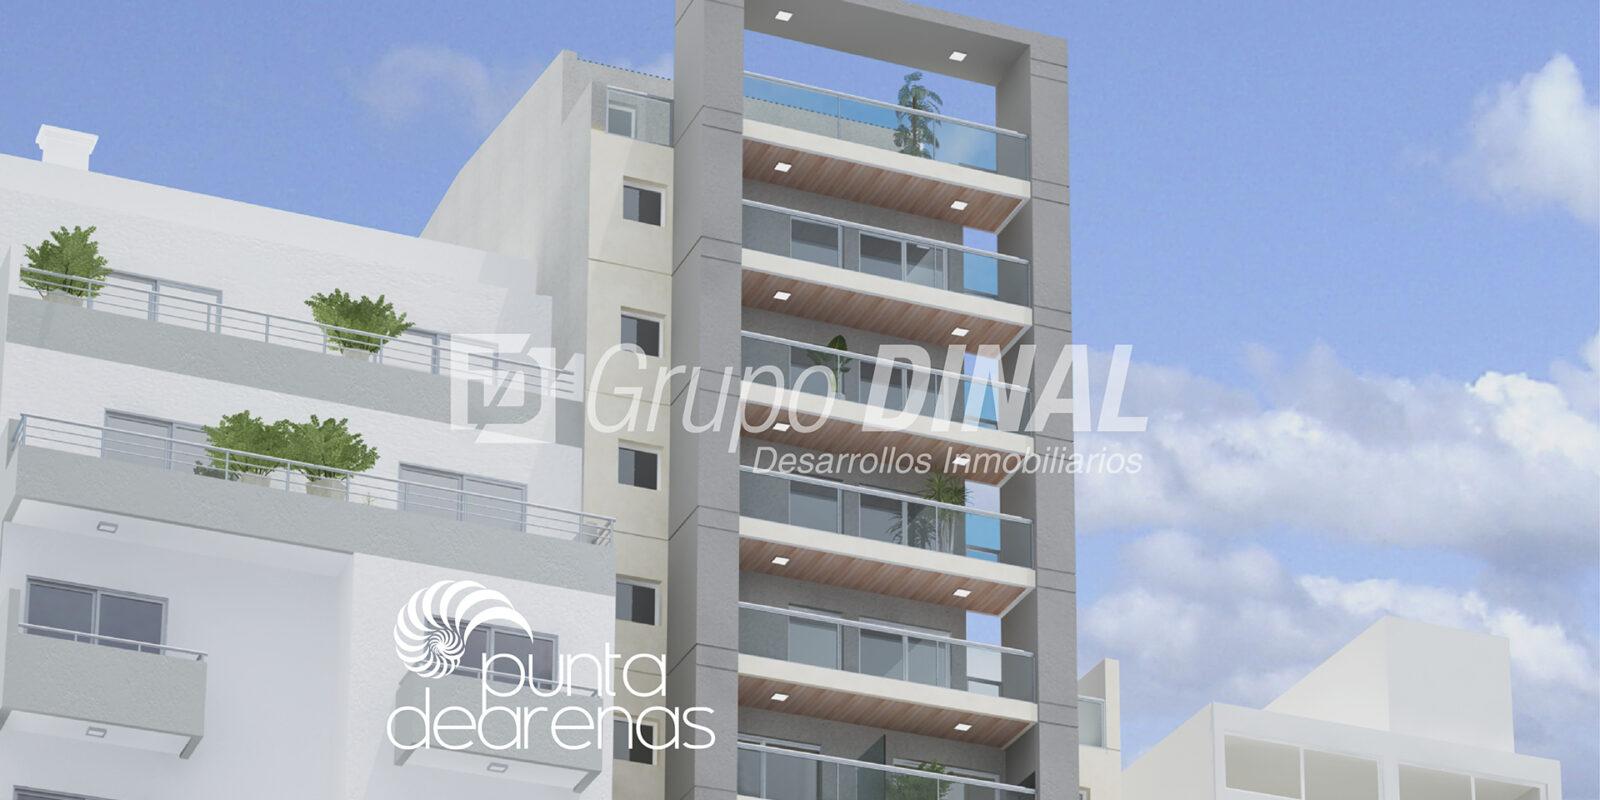 Edificio Punta de Arenas I | Catamarca 2056